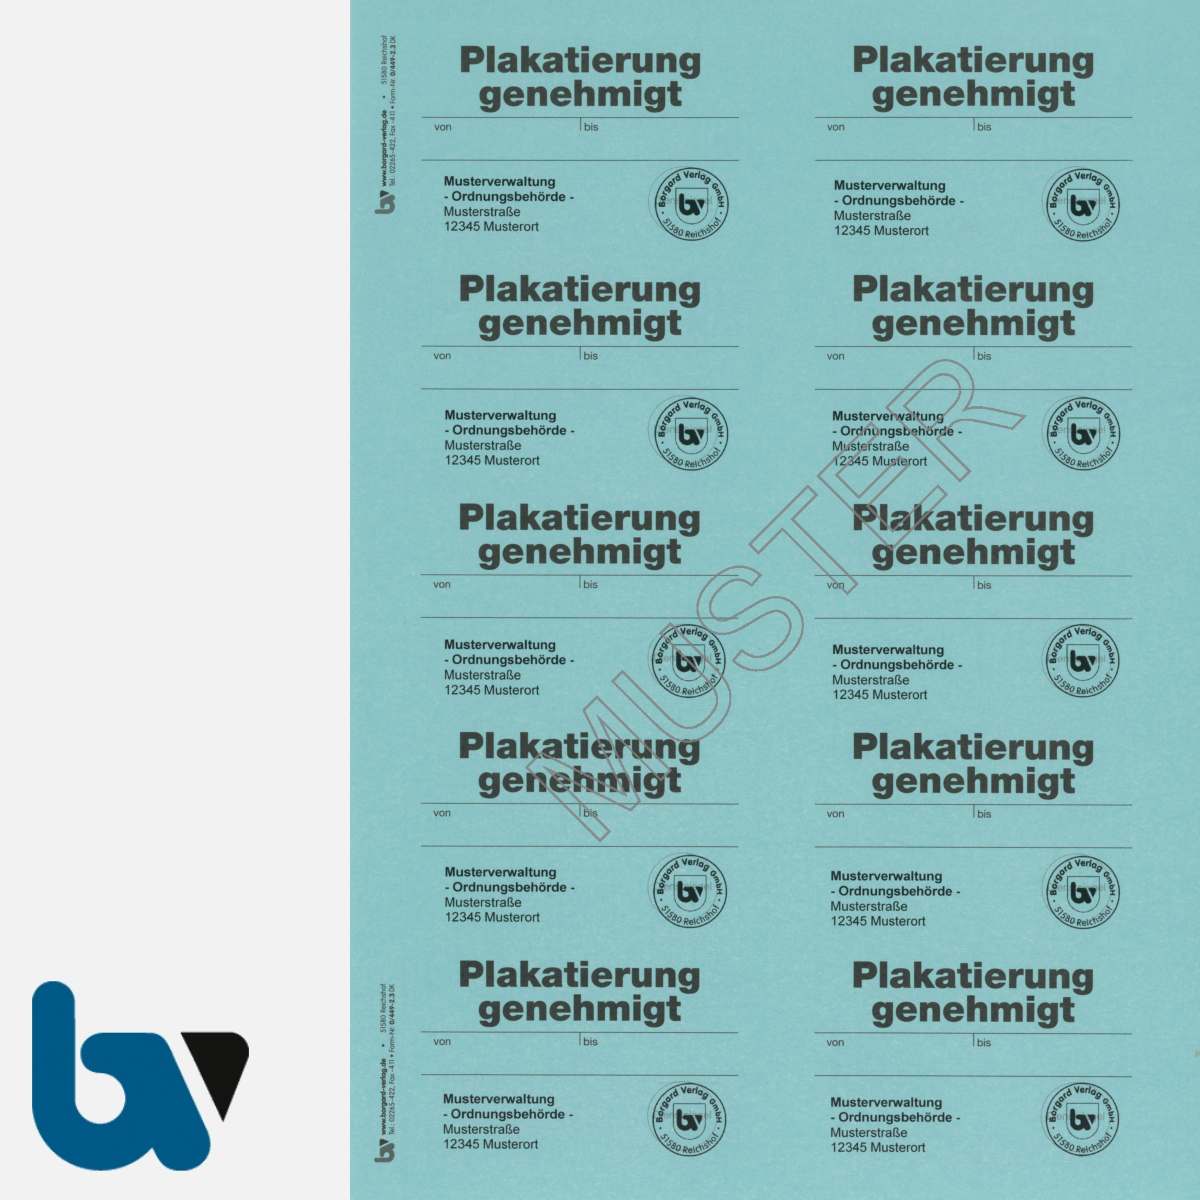 0/449-2.3 Aufkleber Plakatierung Genehmigt Muster leucht blau 75 x 50 mm selbstklebend Bogen 10 Stück DIN A4   Borgard Verlag GmbH